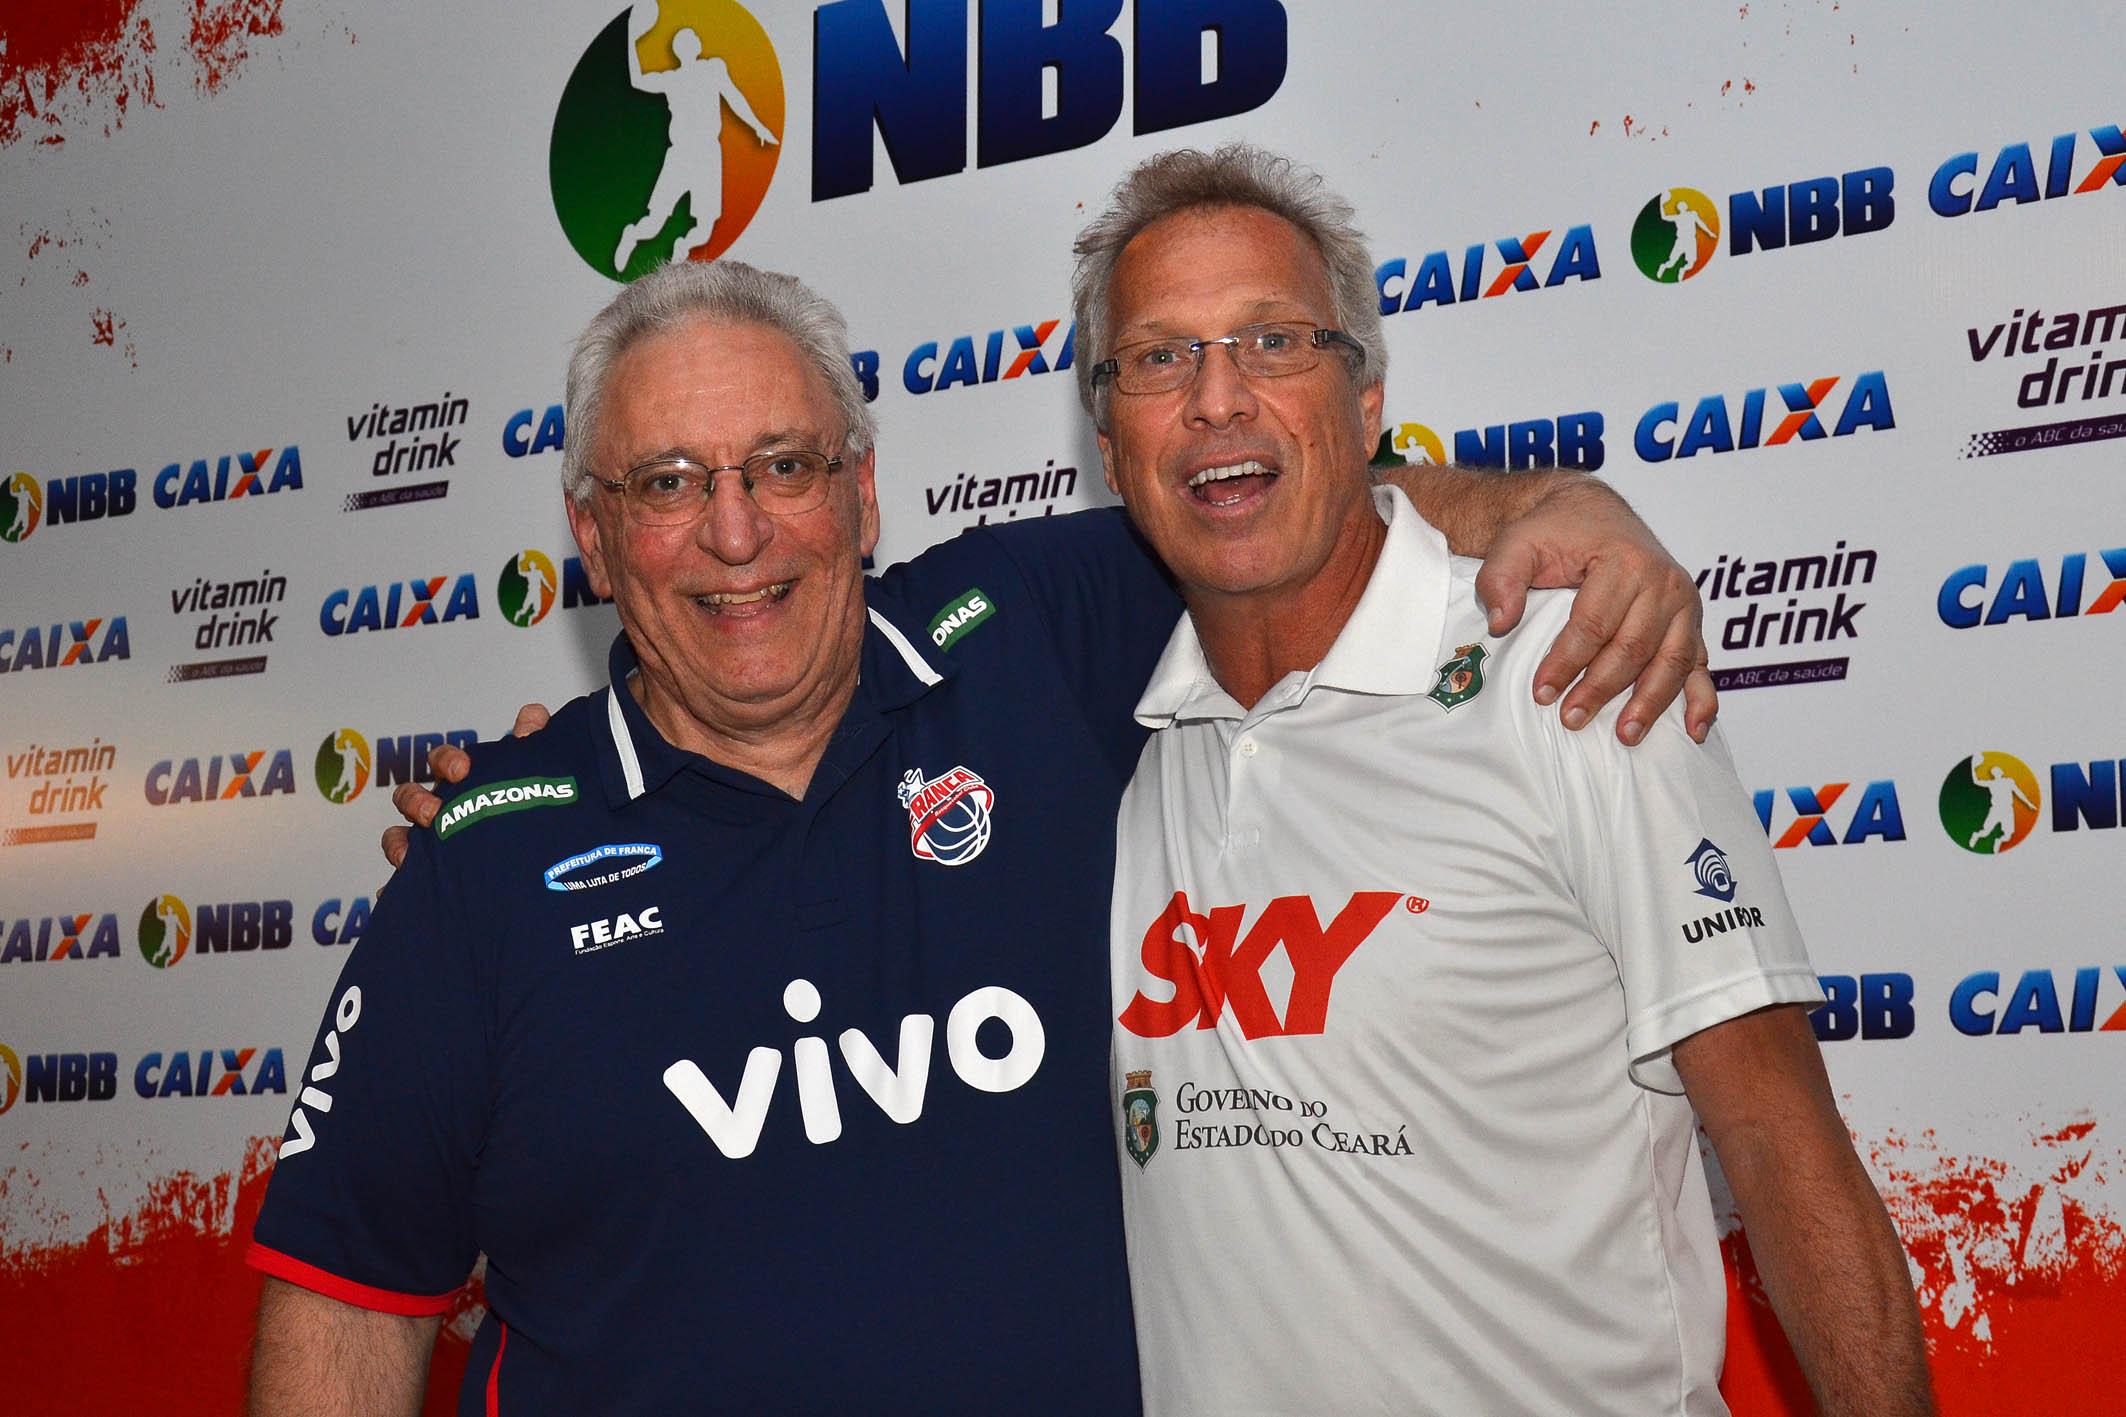 Lula Ferreira (Franca) e Alberto Bial (Basquete Cearense)